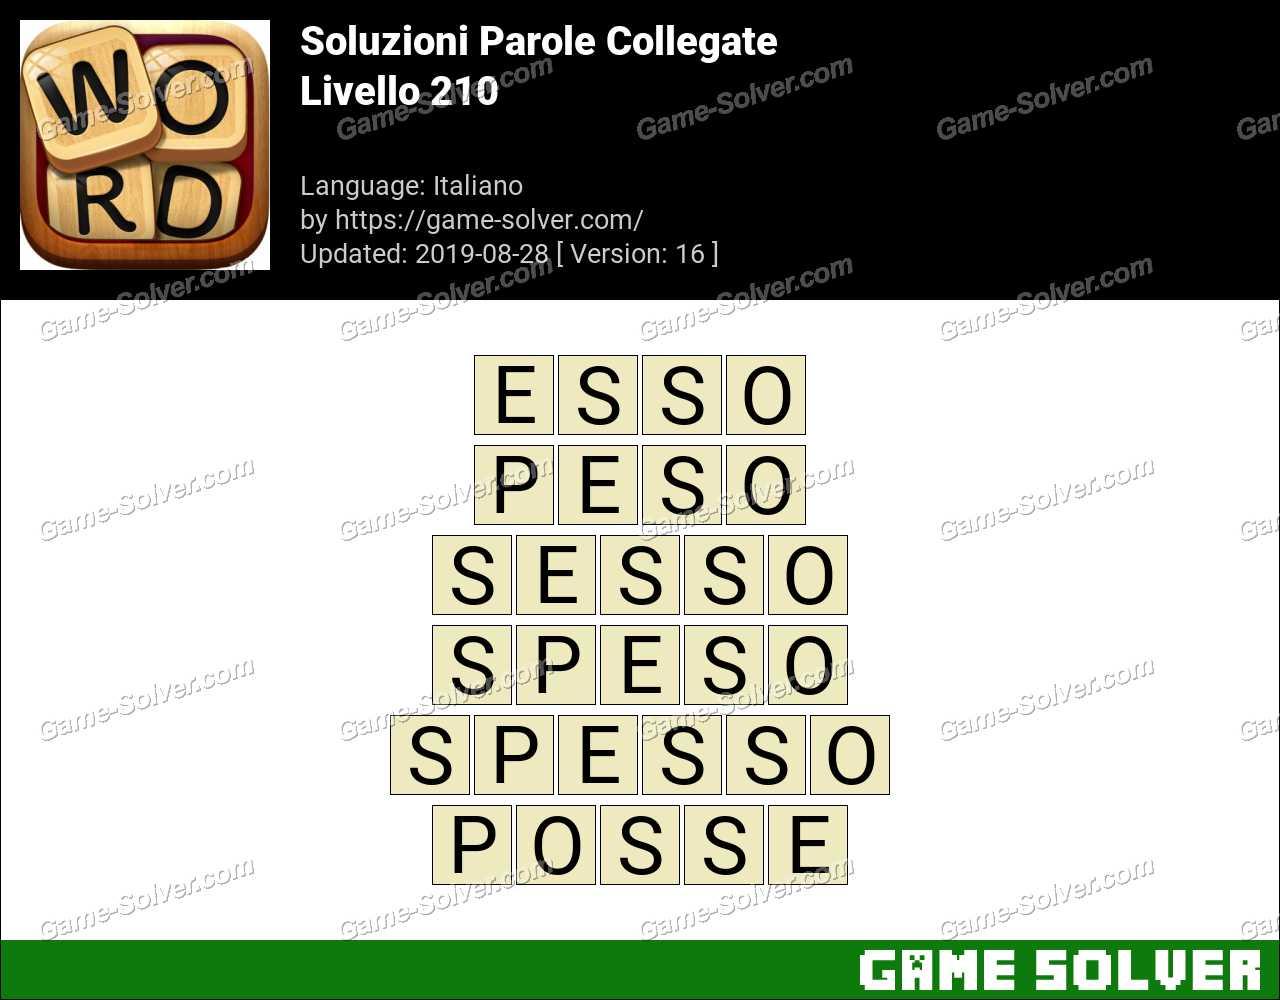 Soluzioni Parole Collegate Livello 210